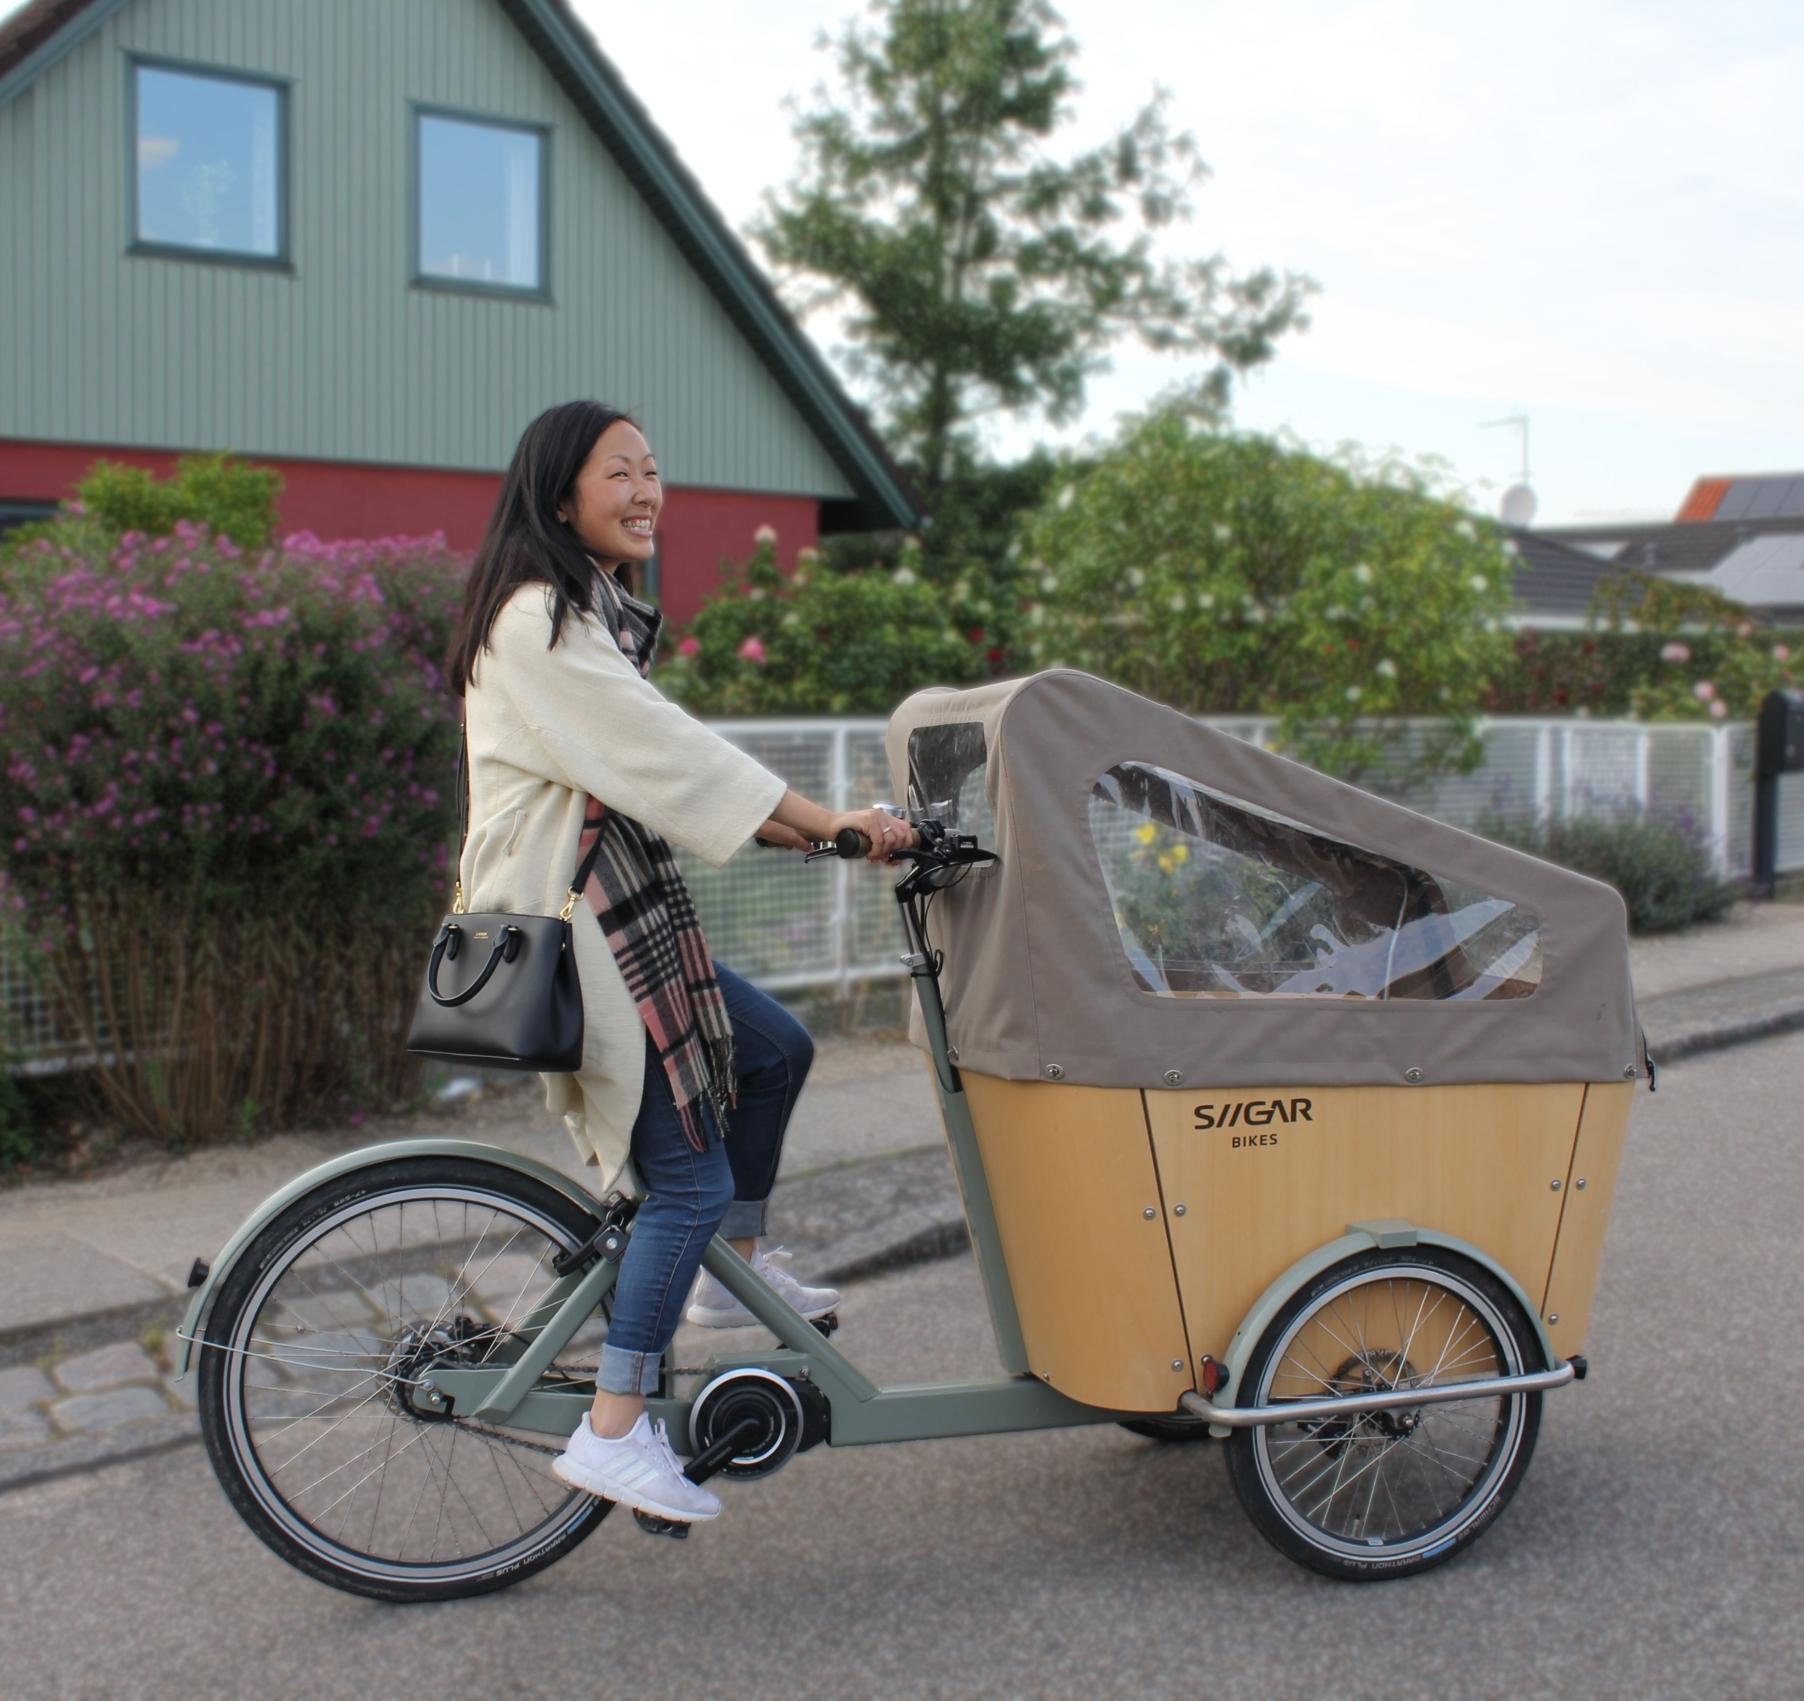 Ladcykel i høj kvalitet, dansk design og solid udførelse.